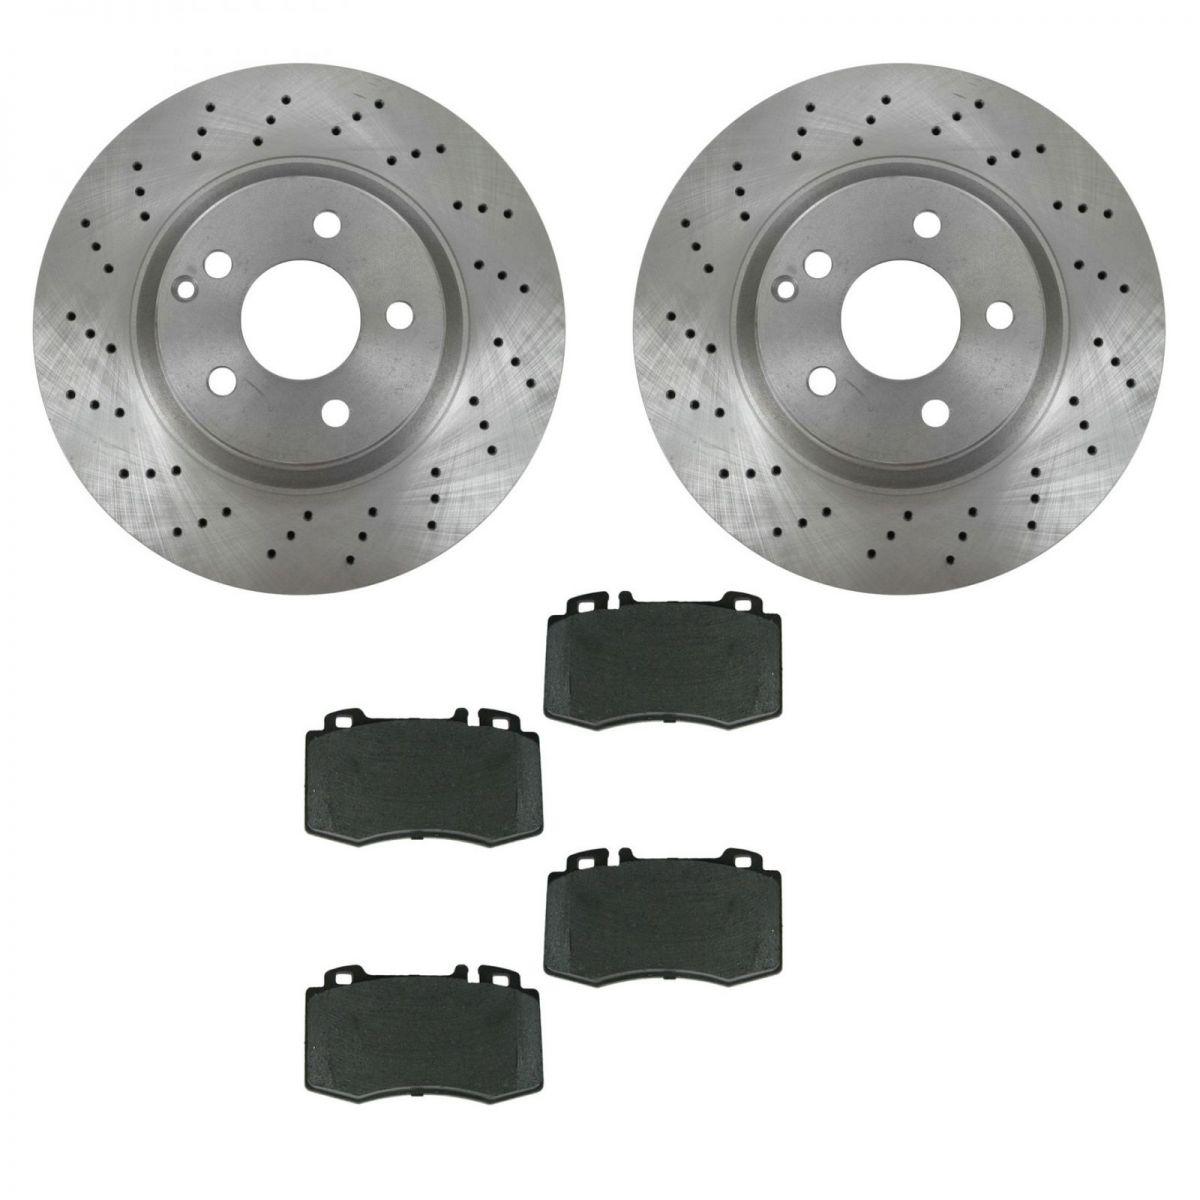 Brake pad rotor kit metallic front for 02 05 mercedes benz for Mercedes benz rotors and pads